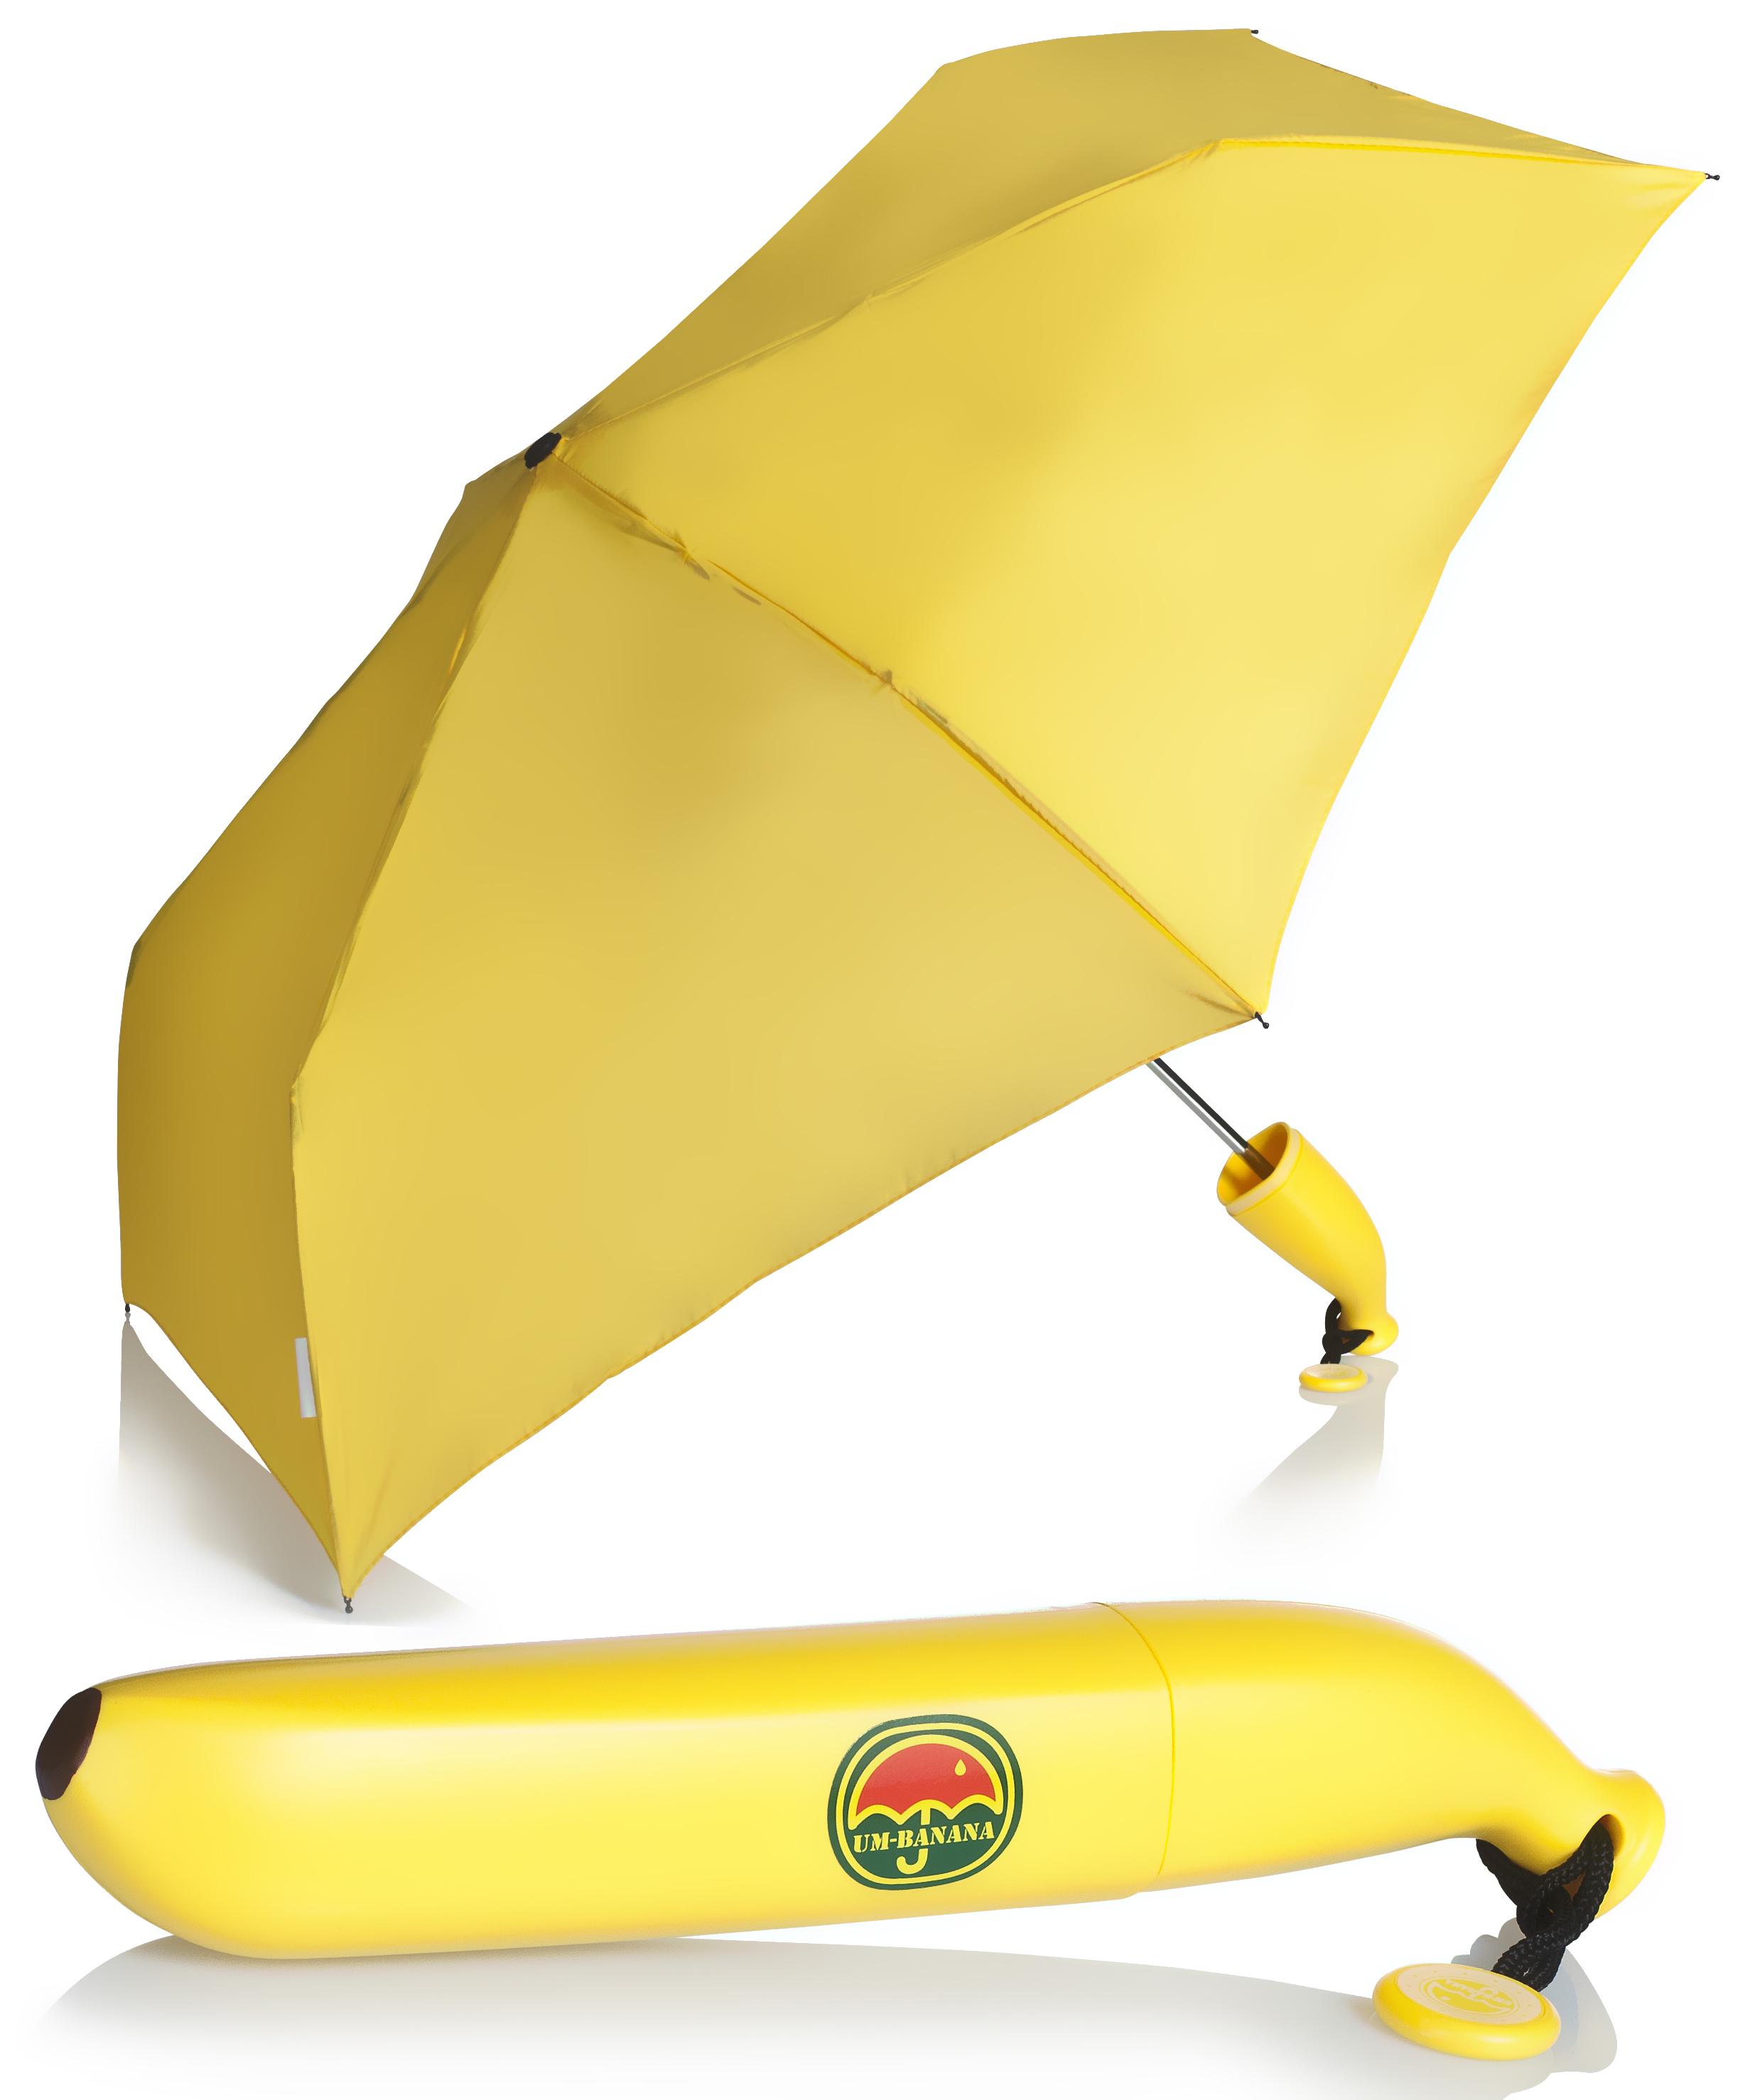 bananen regenschirm banana taschenschirm banane schirm klappschirm bananenform ebay. Black Bedroom Furniture Sets. Home Design Ideas